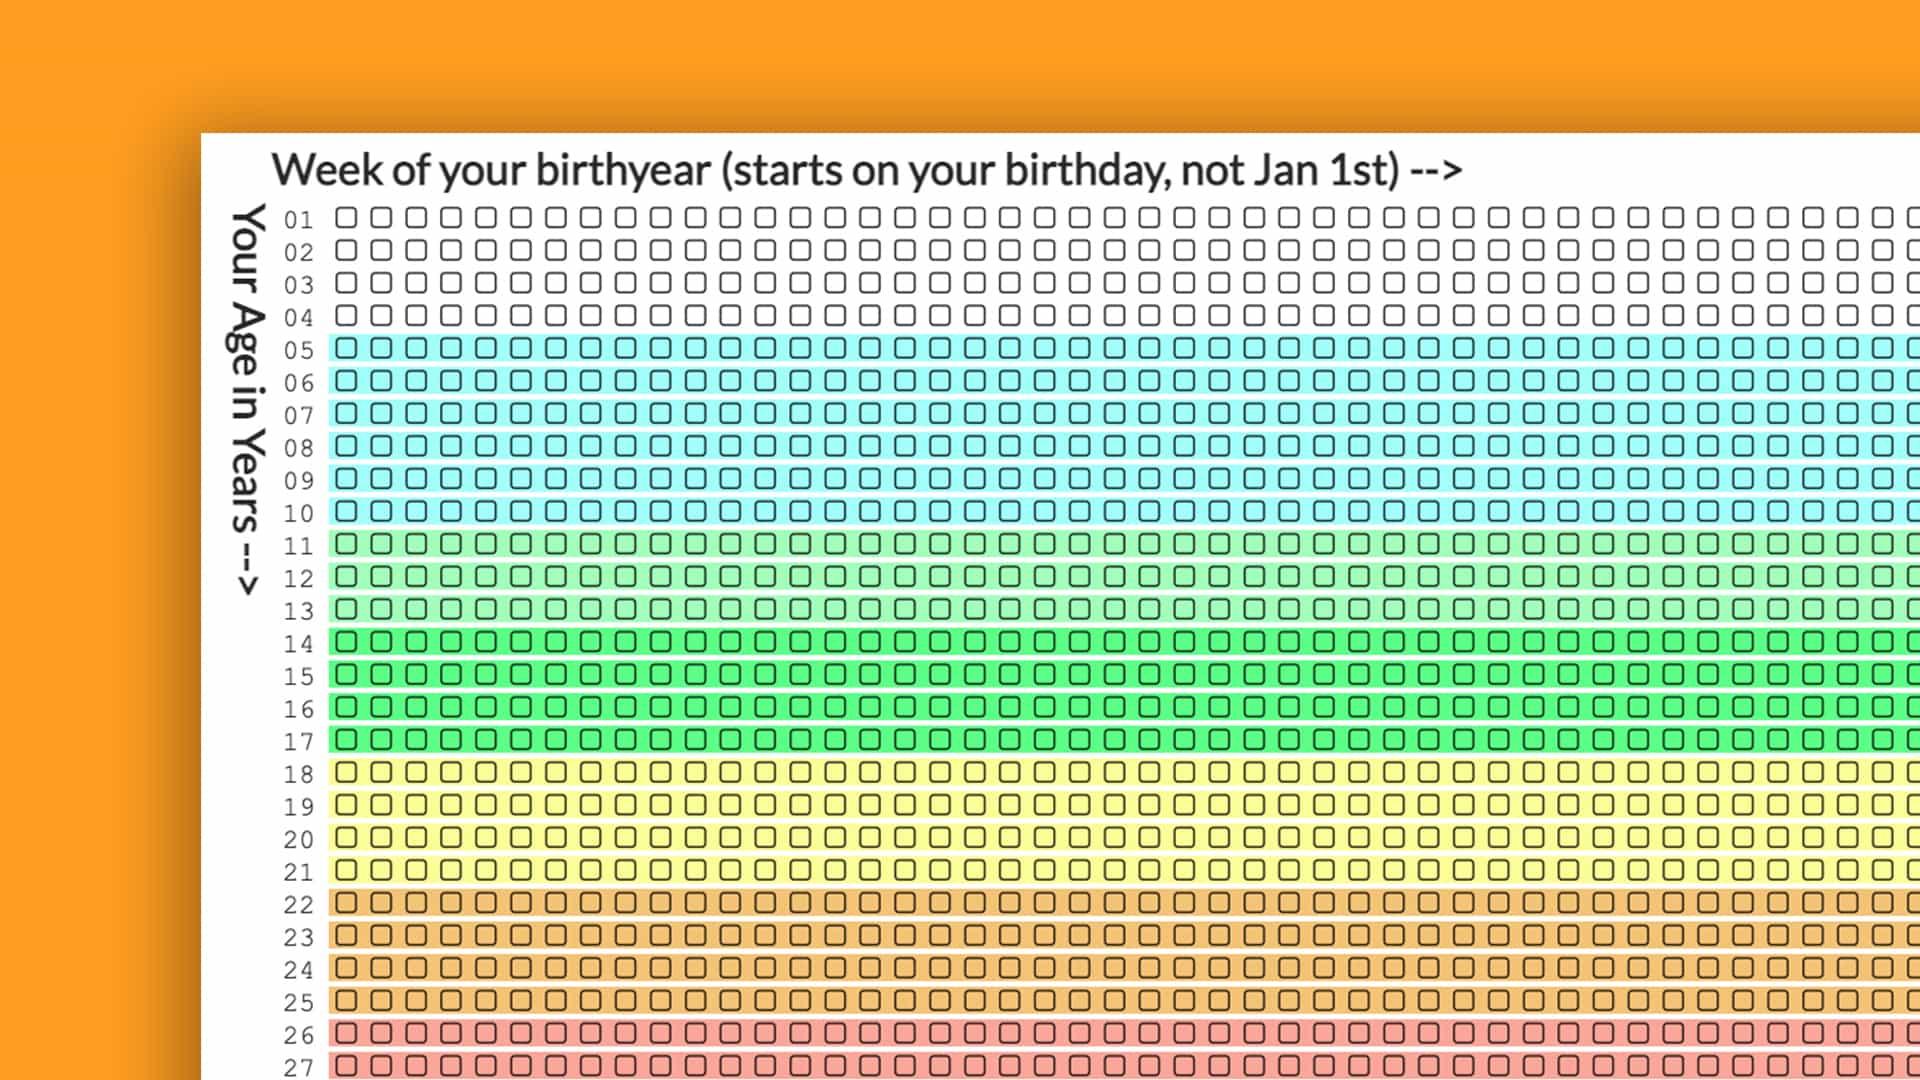 La aterradora infografía está aquí para mostrarte cuánto tiempo te queda